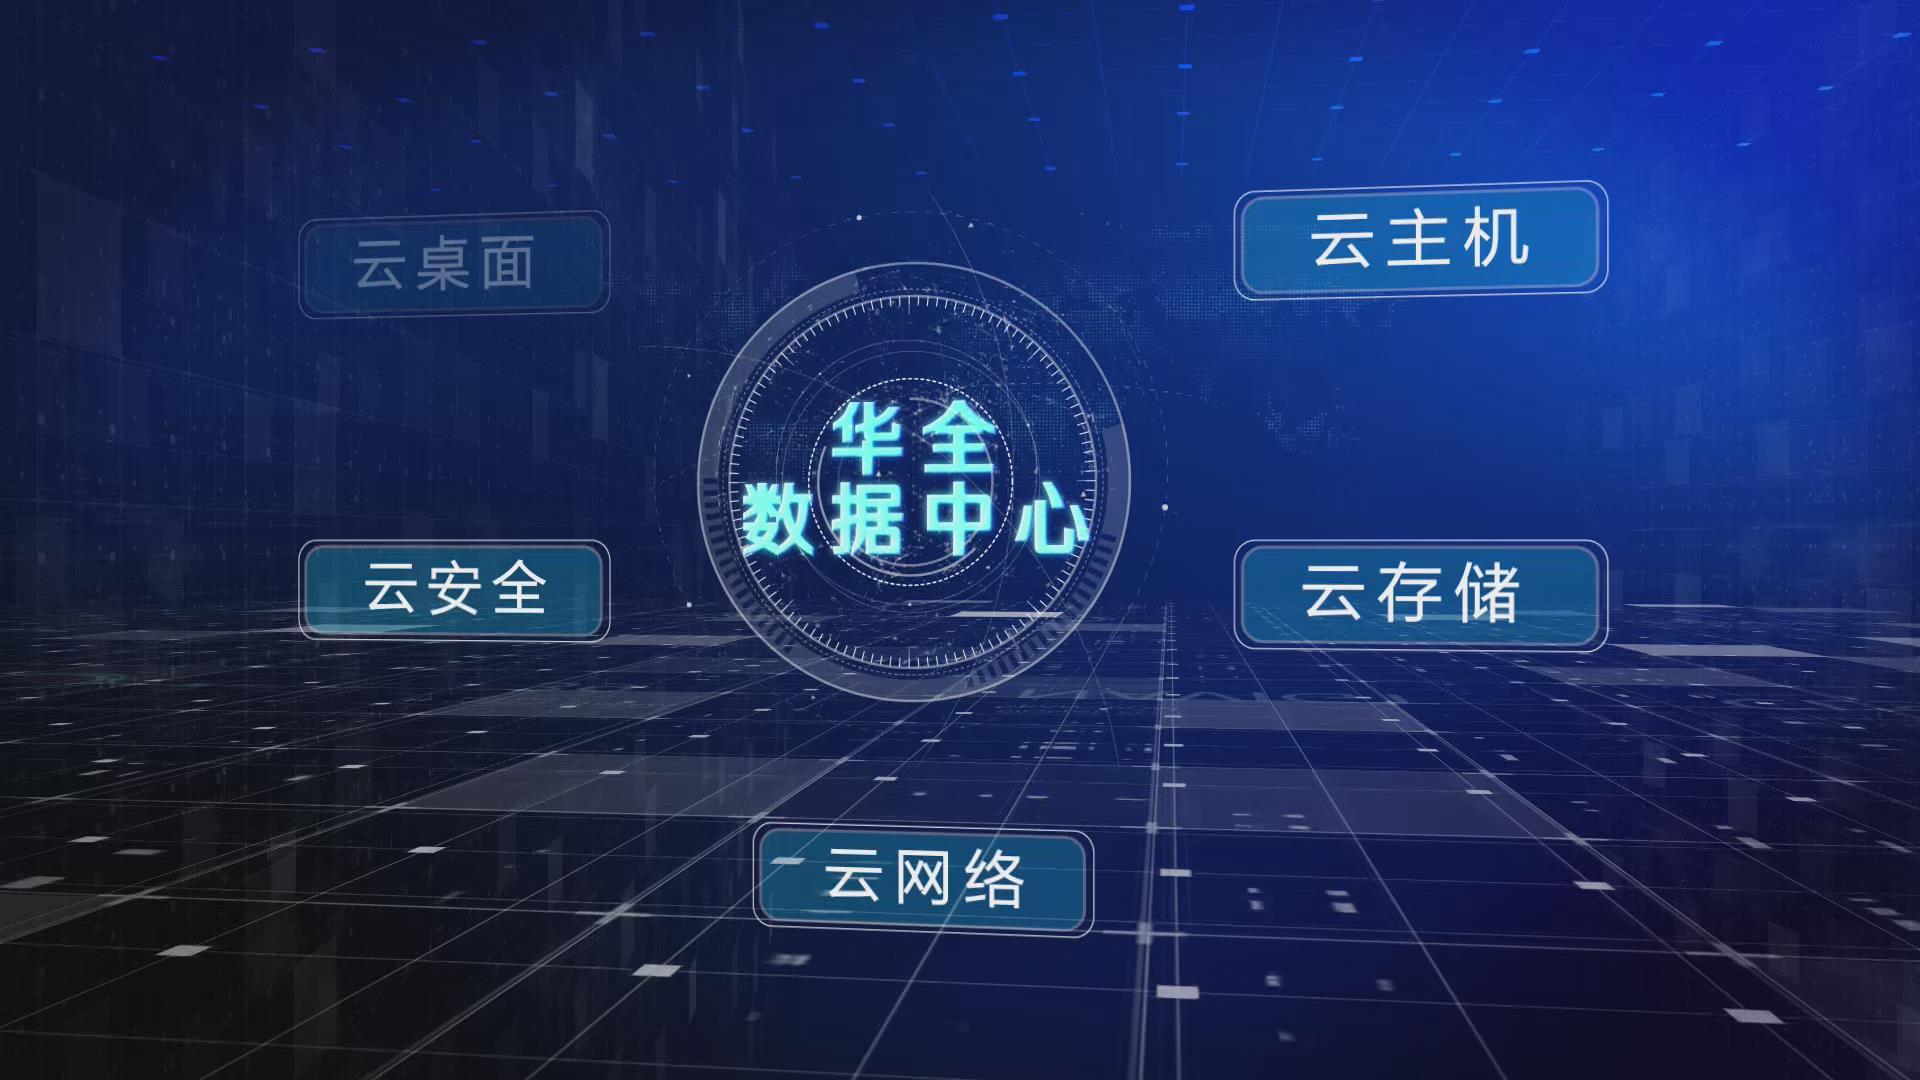 华全数据中心网络_构建万物互联_助力企业智能转型